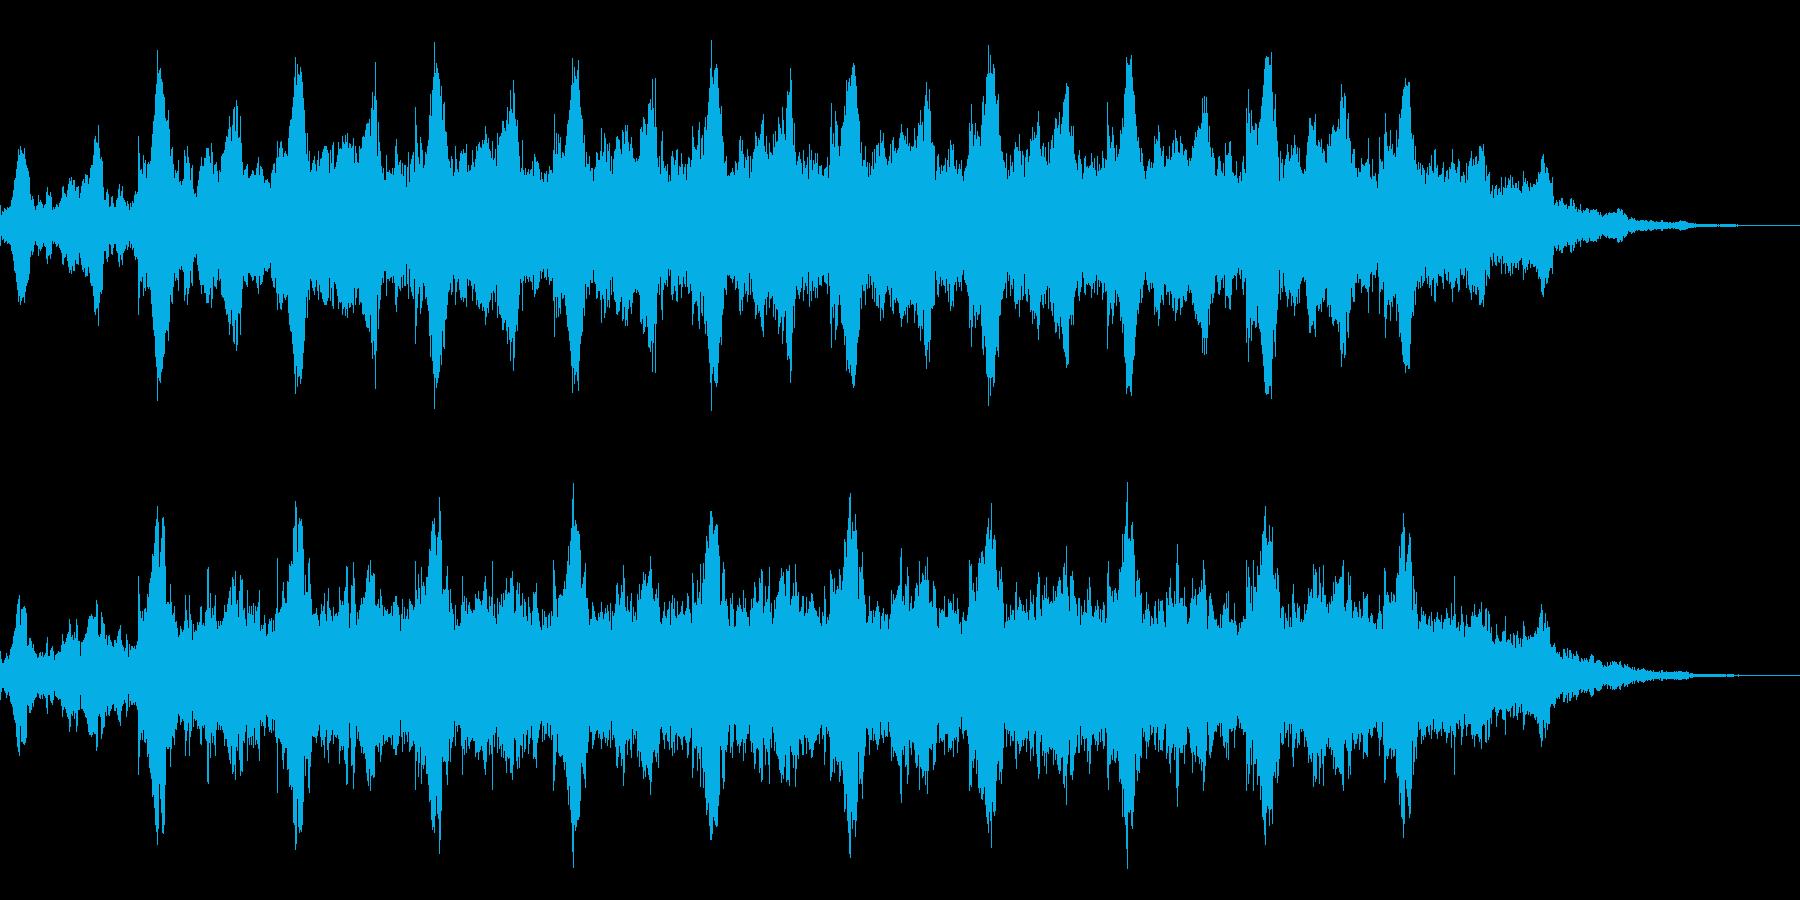 神秘的な雰囲気のアンビエント(背景音)4の再生済みの波形